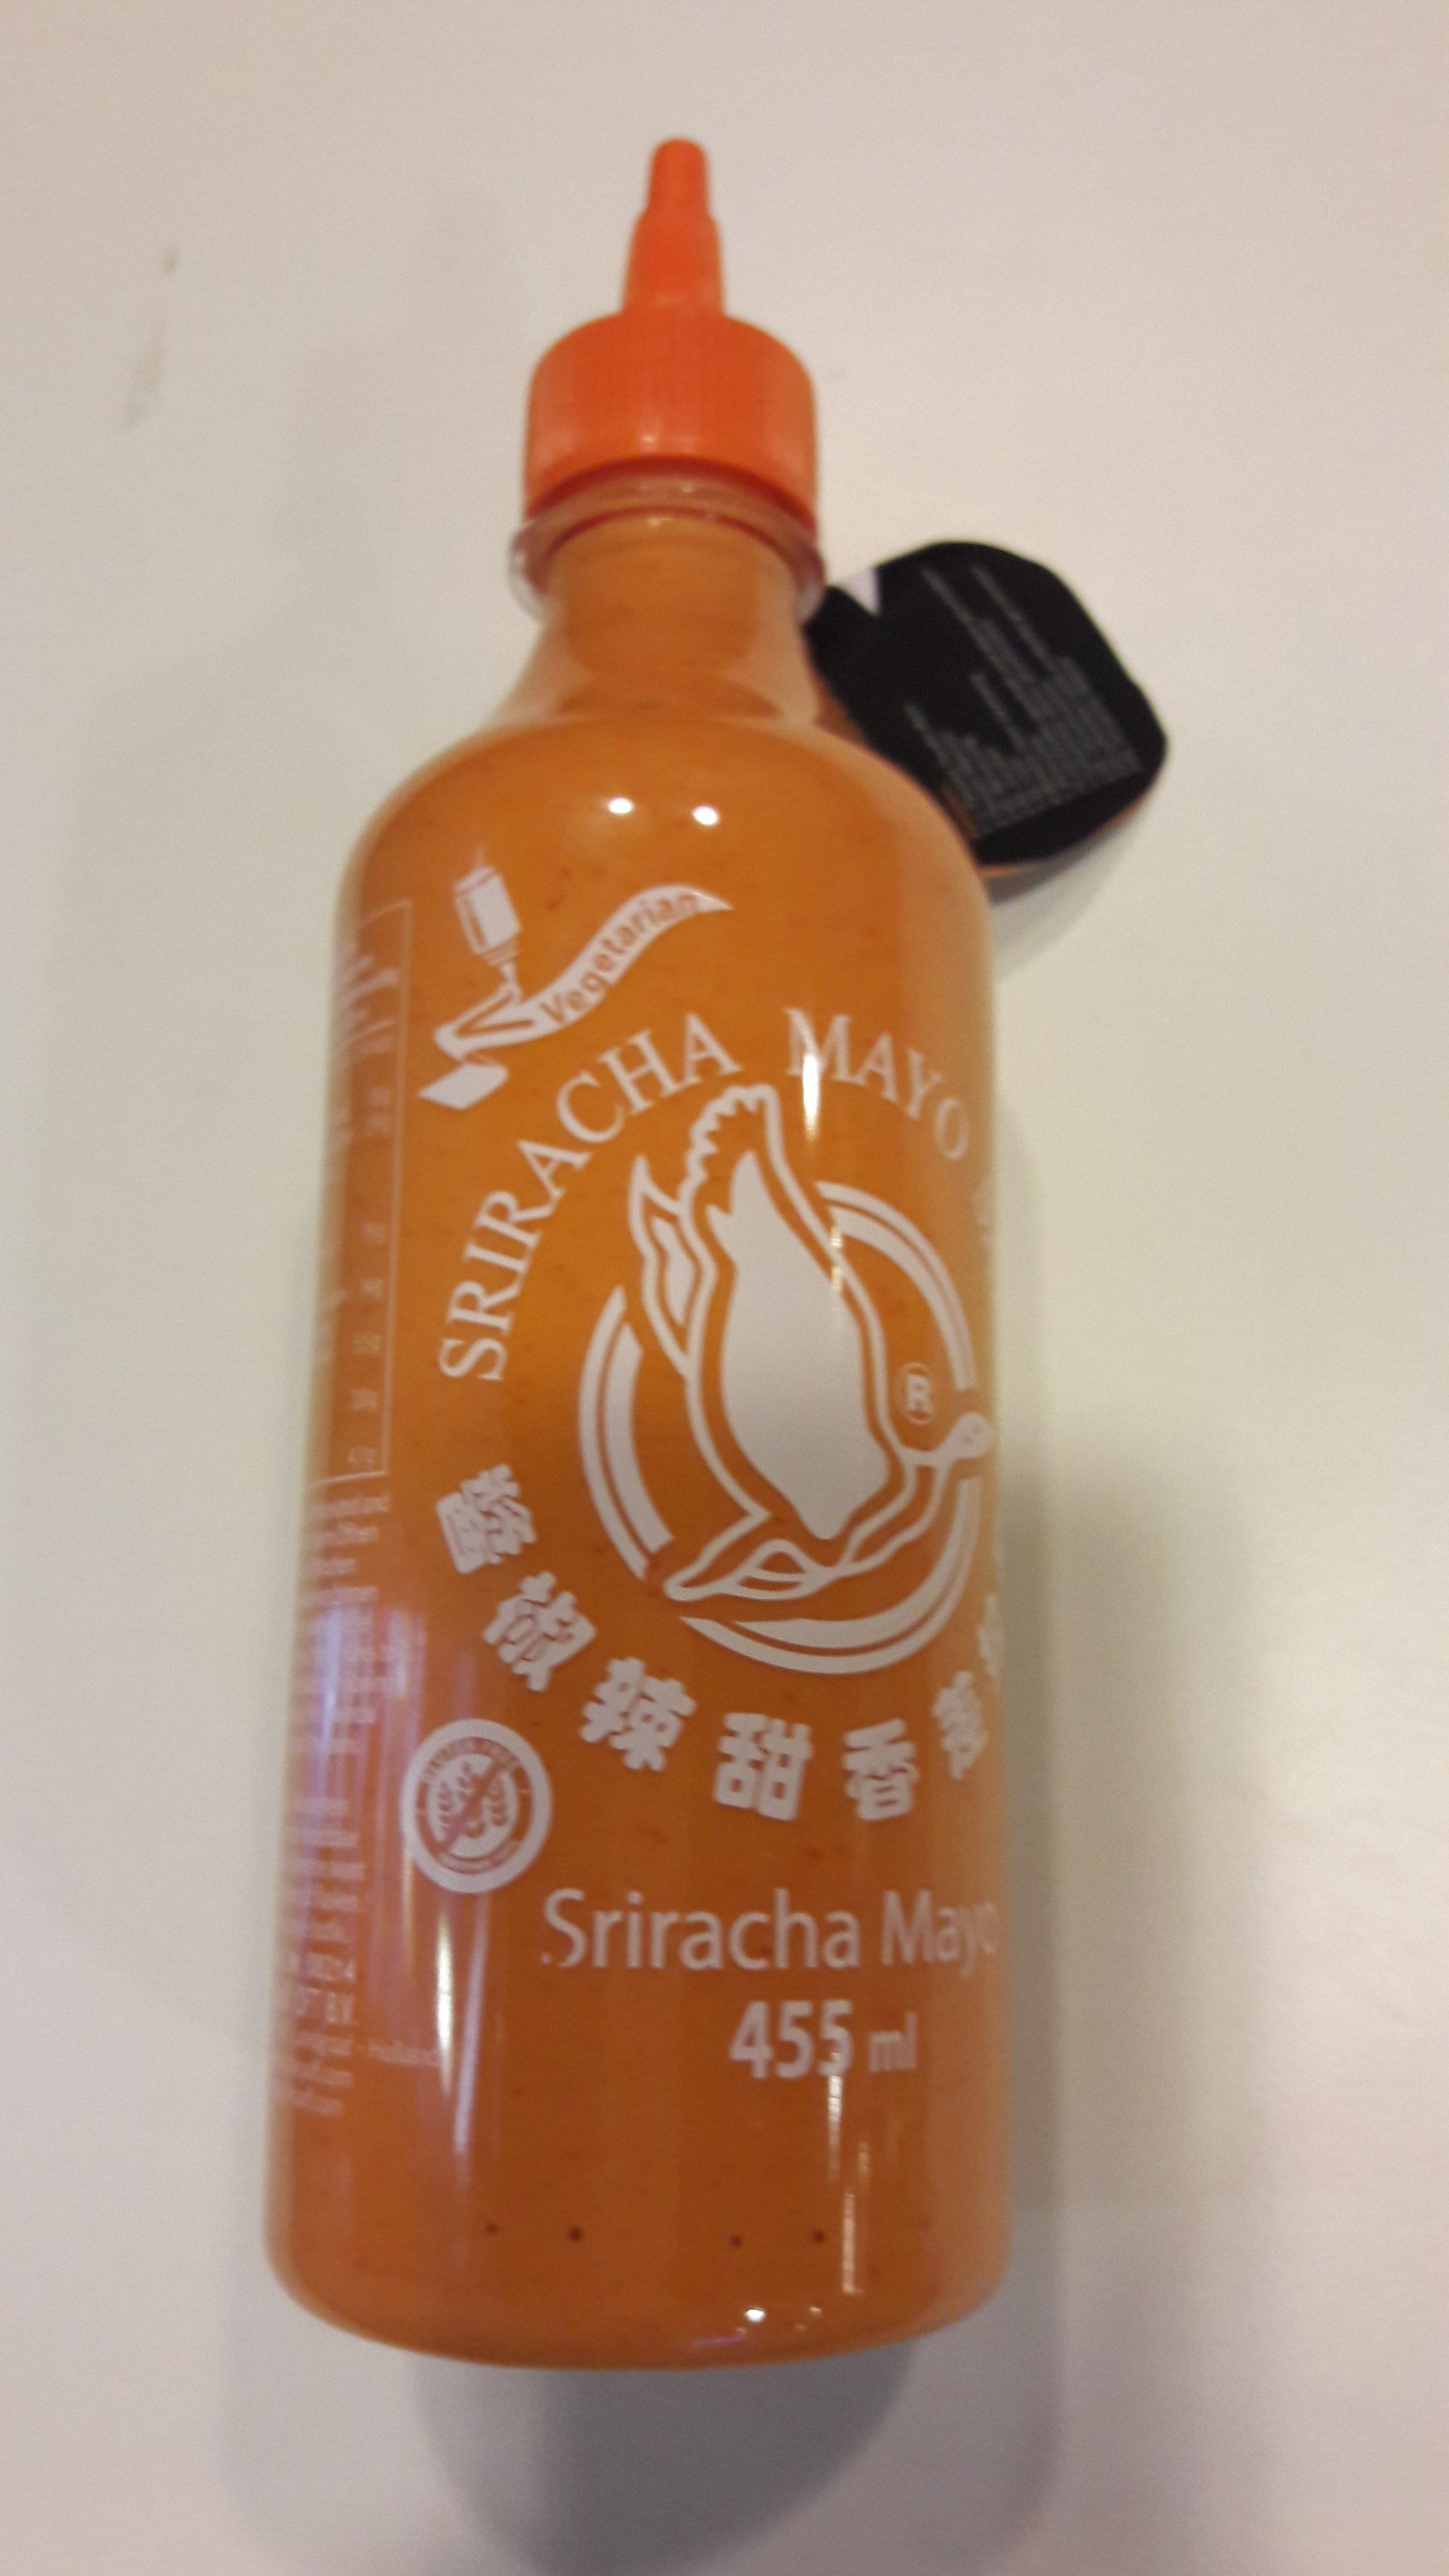 Sauce Sriracha (Mayo) Image